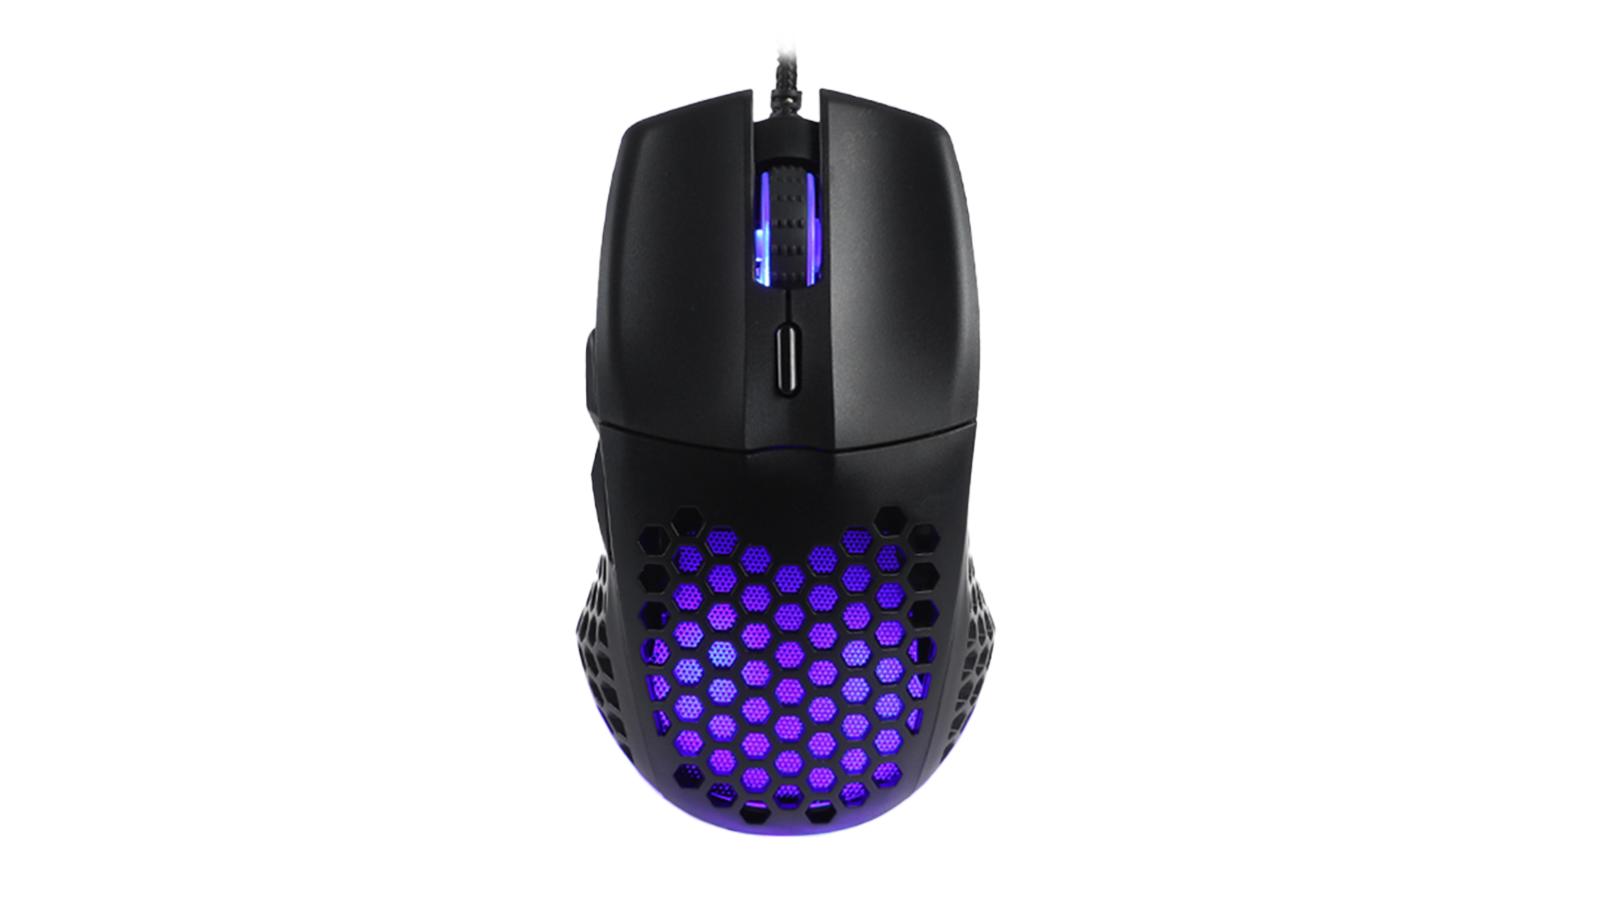 Wholesale Ky-M965 Gaming Mouse nga adunay maayong presyo - Keyceo